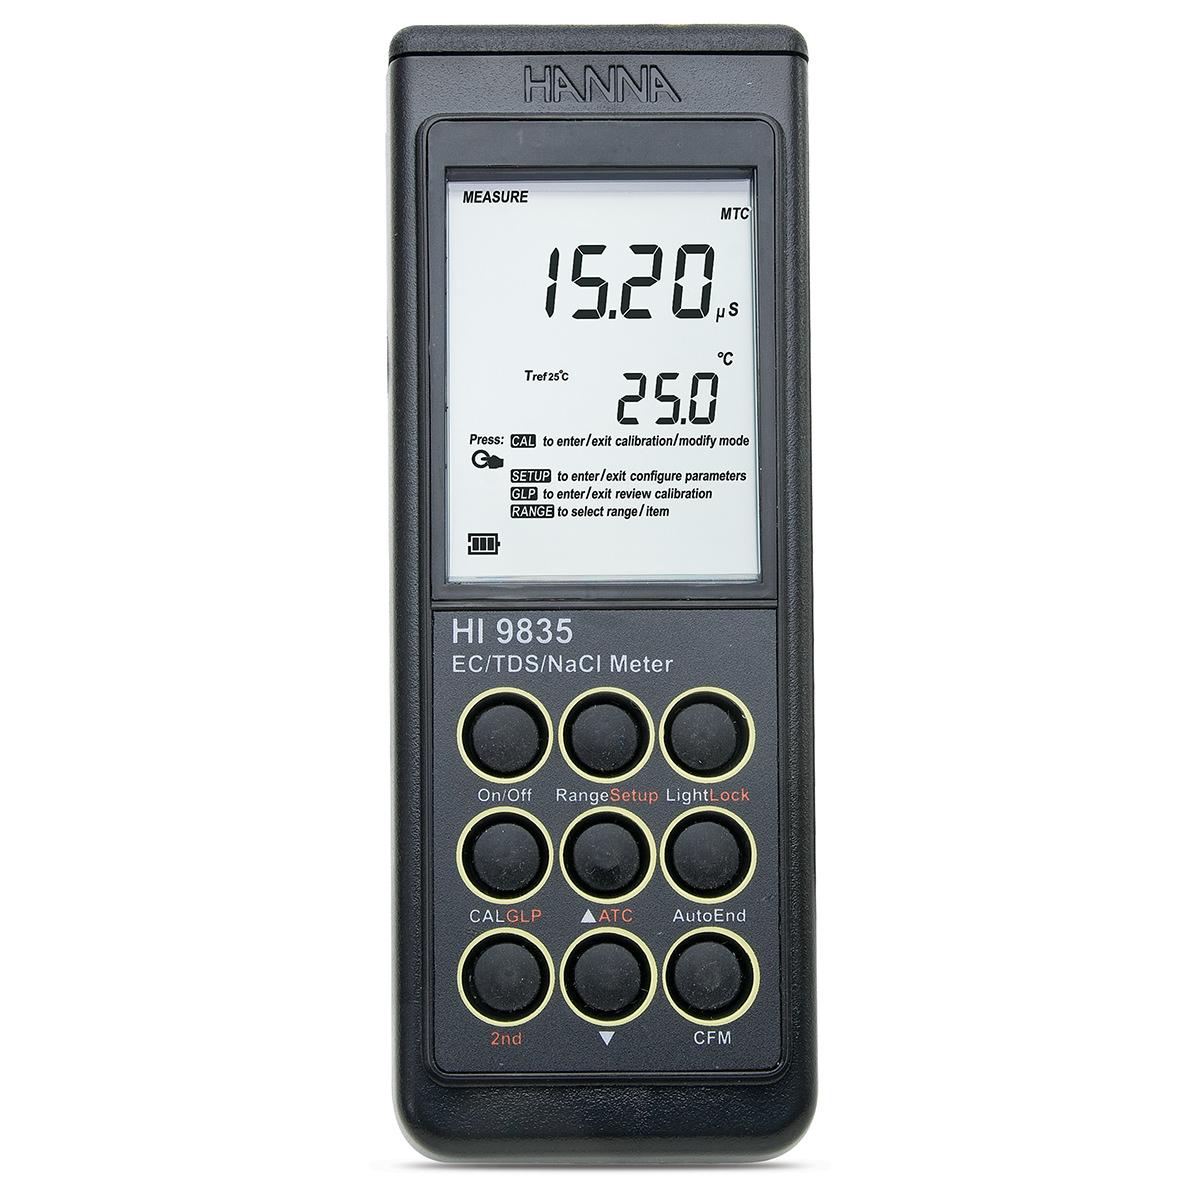 HI9835 - Misuratore portatile di EC/TDS/NaCl/°C